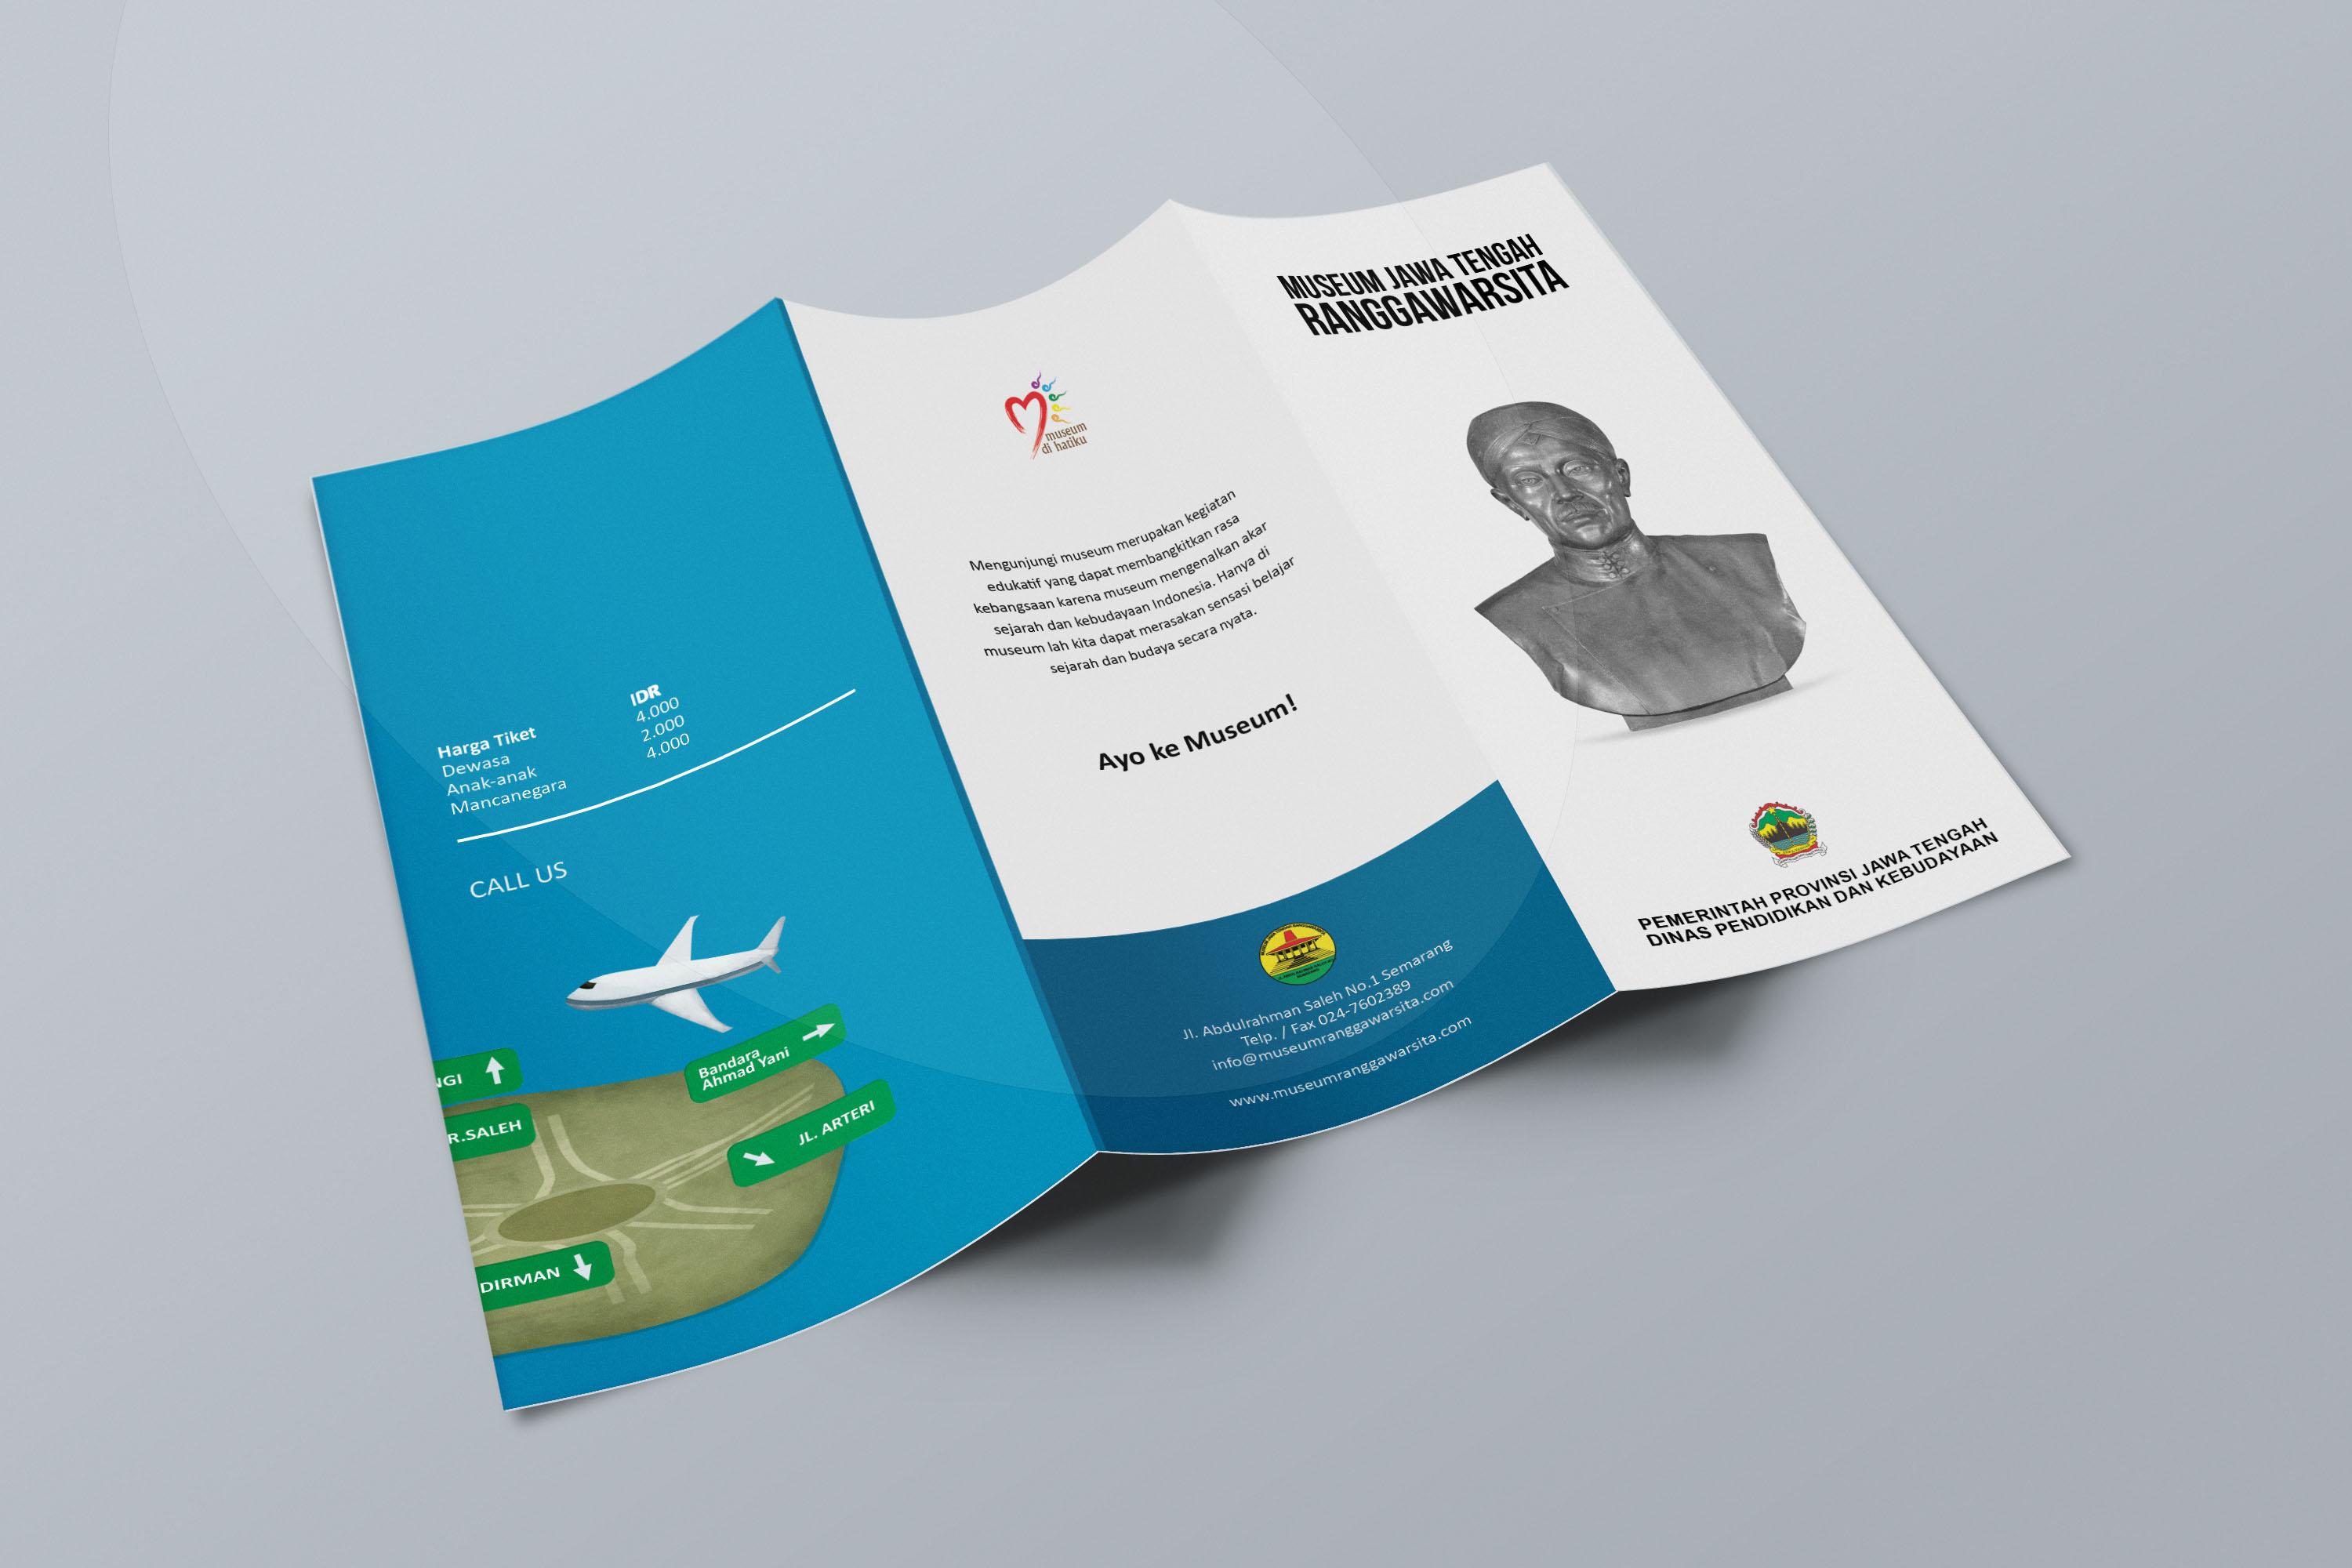 Desain Brosur Museum Ranggawarsita Semarang blue Tri Fold Brochure Mock up 4